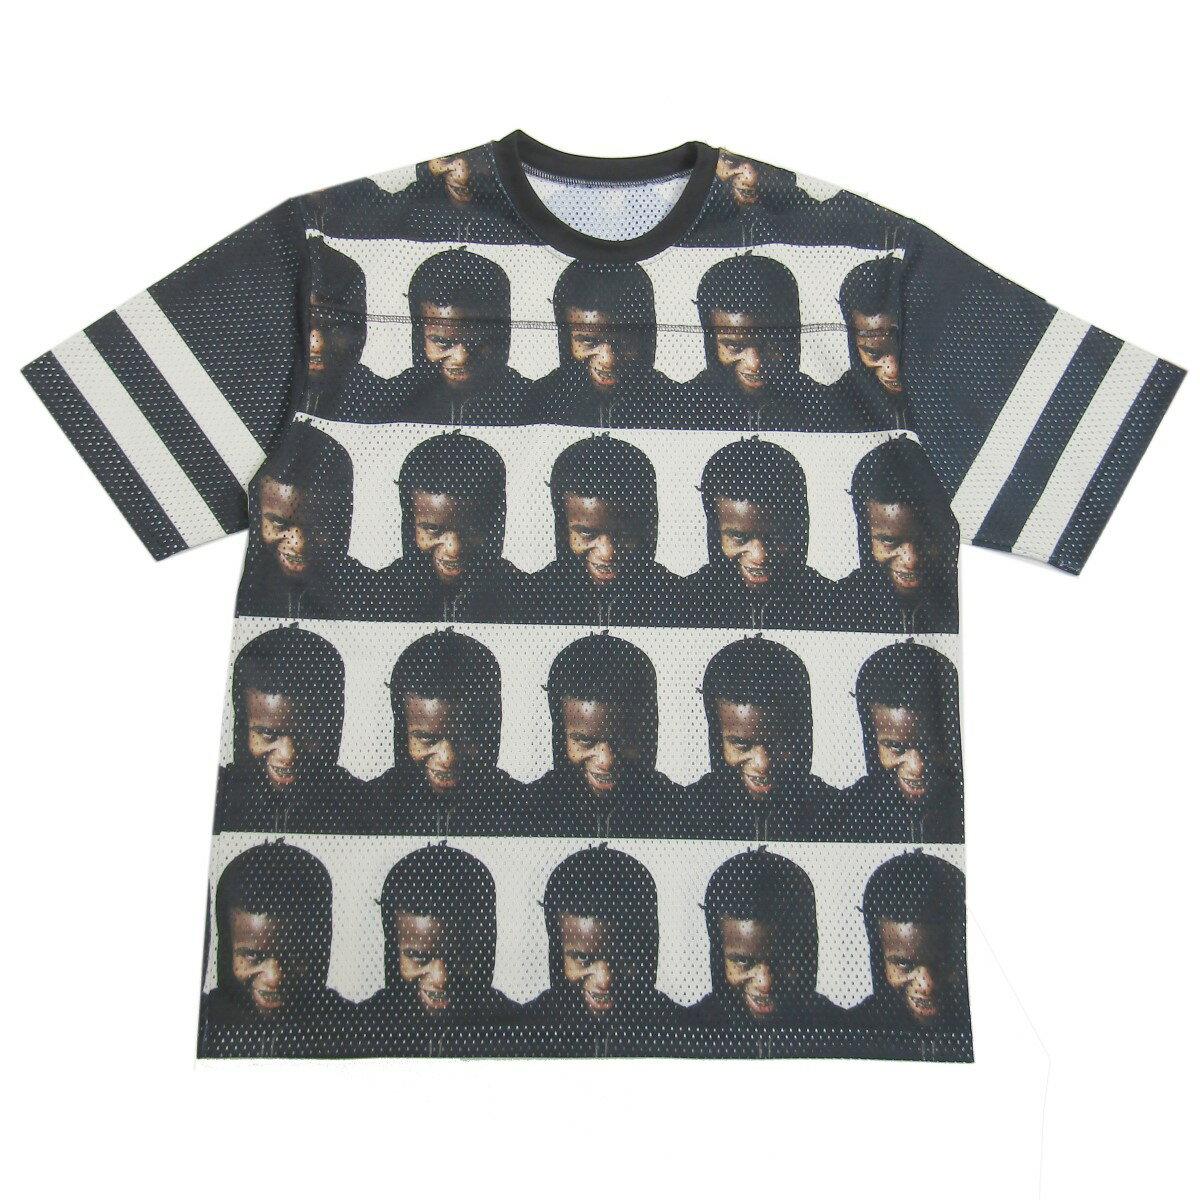 トップス, Tシャツ・カットソー Wil FlyPortrait of Ian Connor Jersey M 830